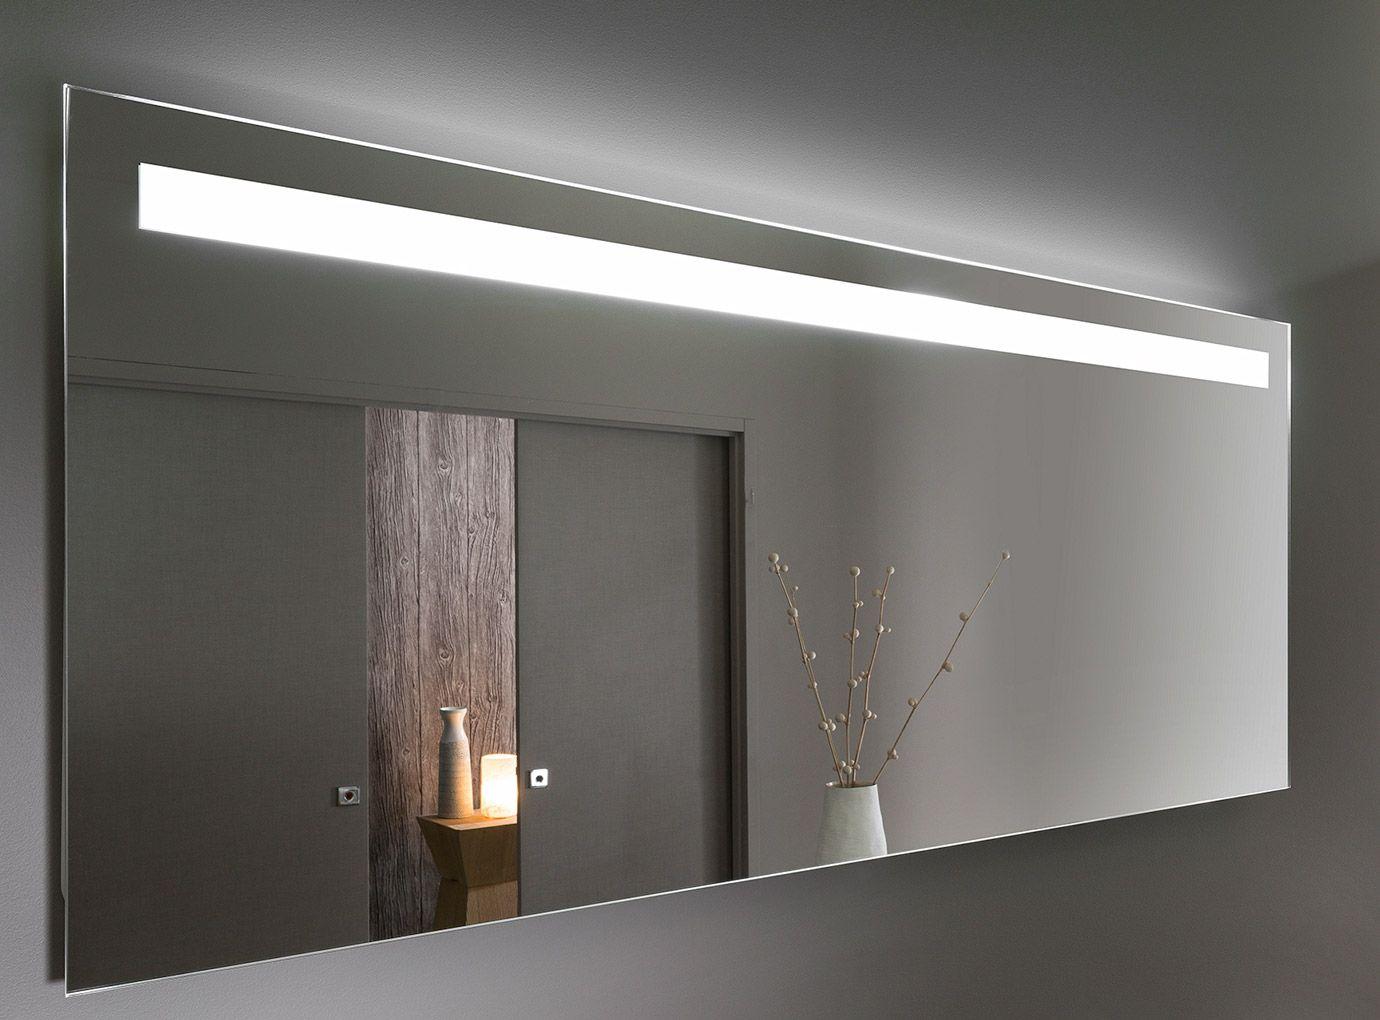 Miroir Eclairant Salle De Bain delpha - unique - miroir lumineux antibuée (avec images